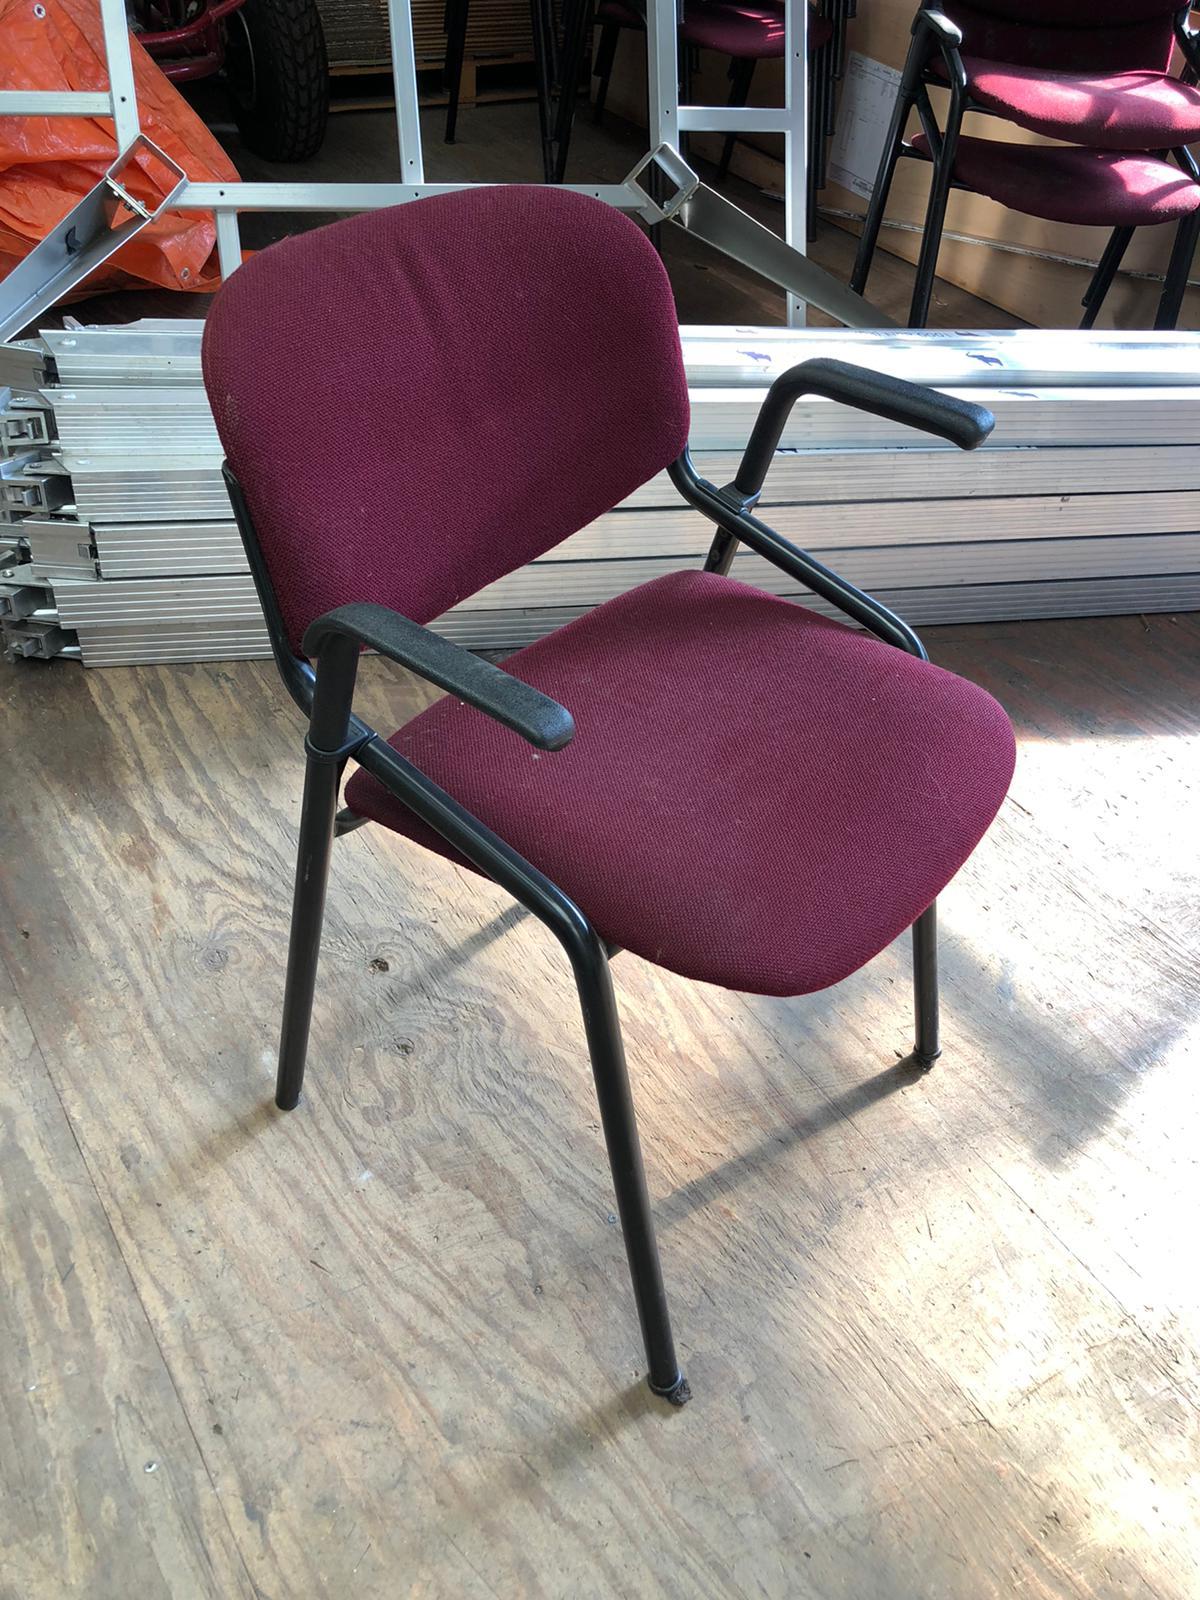 mooie stoel eurotrexverkoop.nl